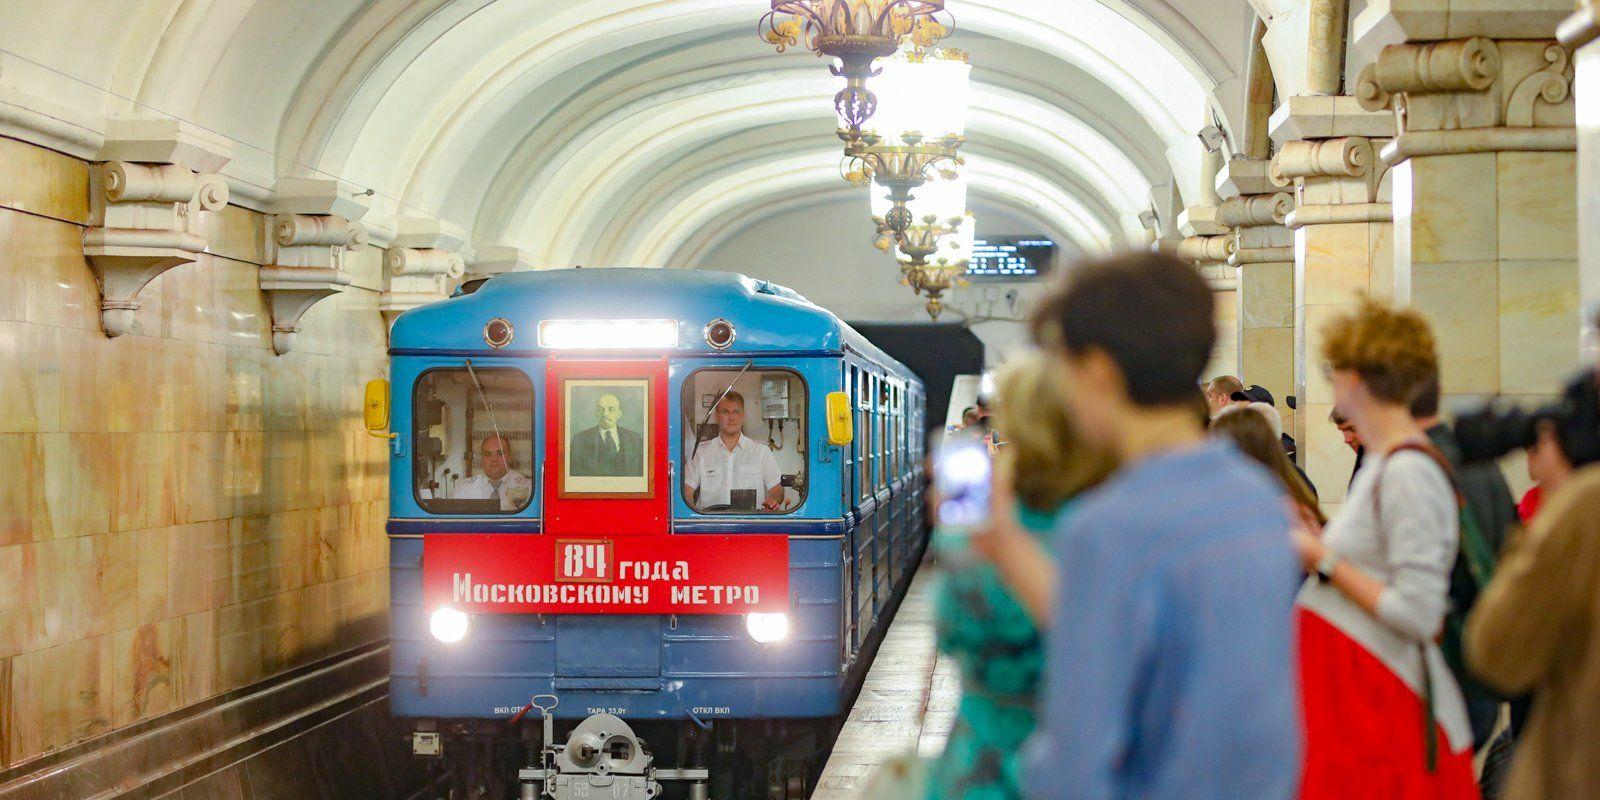 Пассажиры московского метро оценили парад поездов